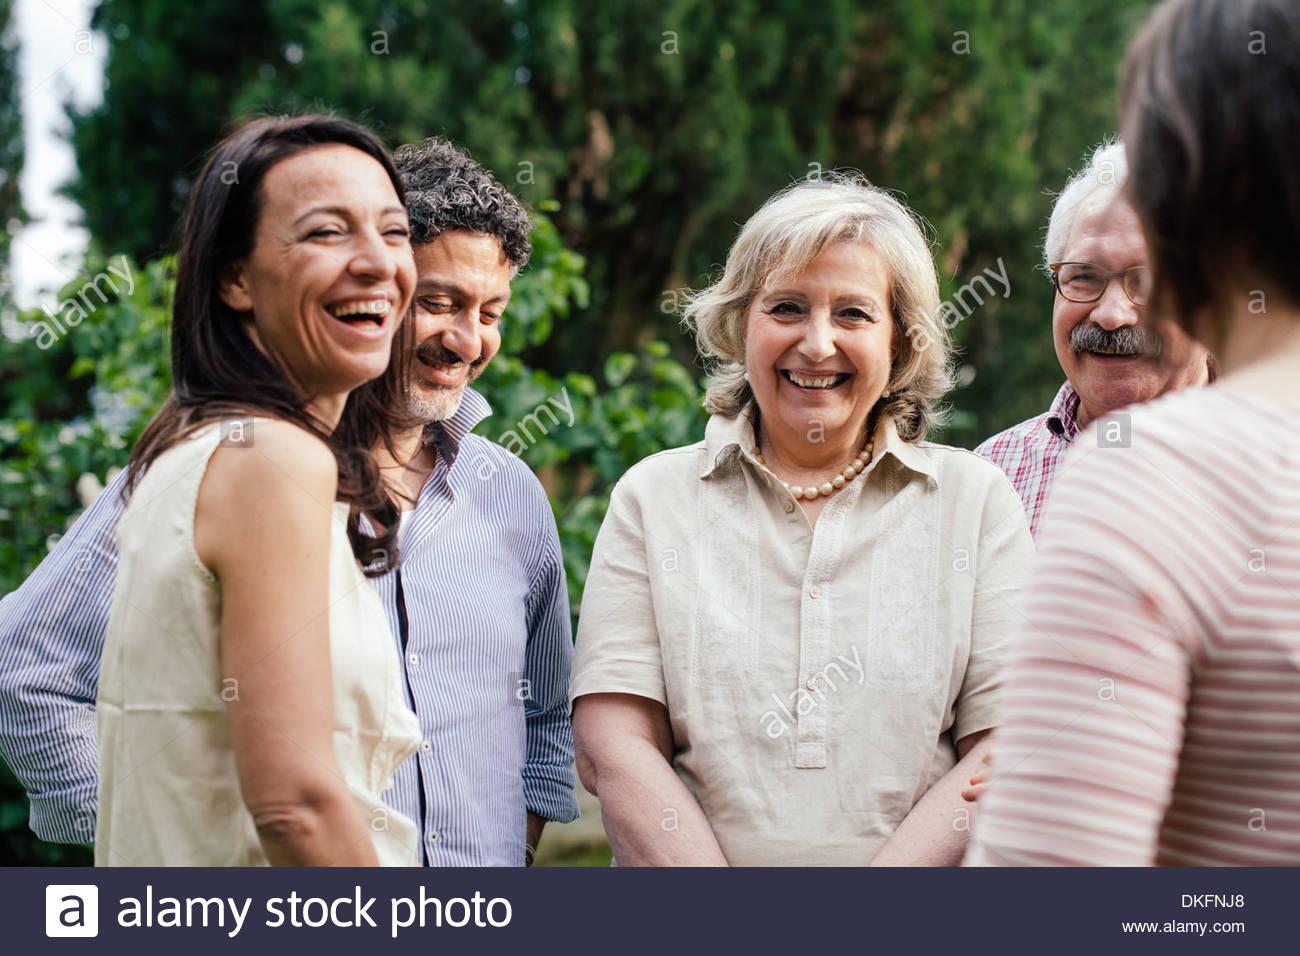 Los miembros de la familia hablando a la reunión al aire libre Imagen De Stock